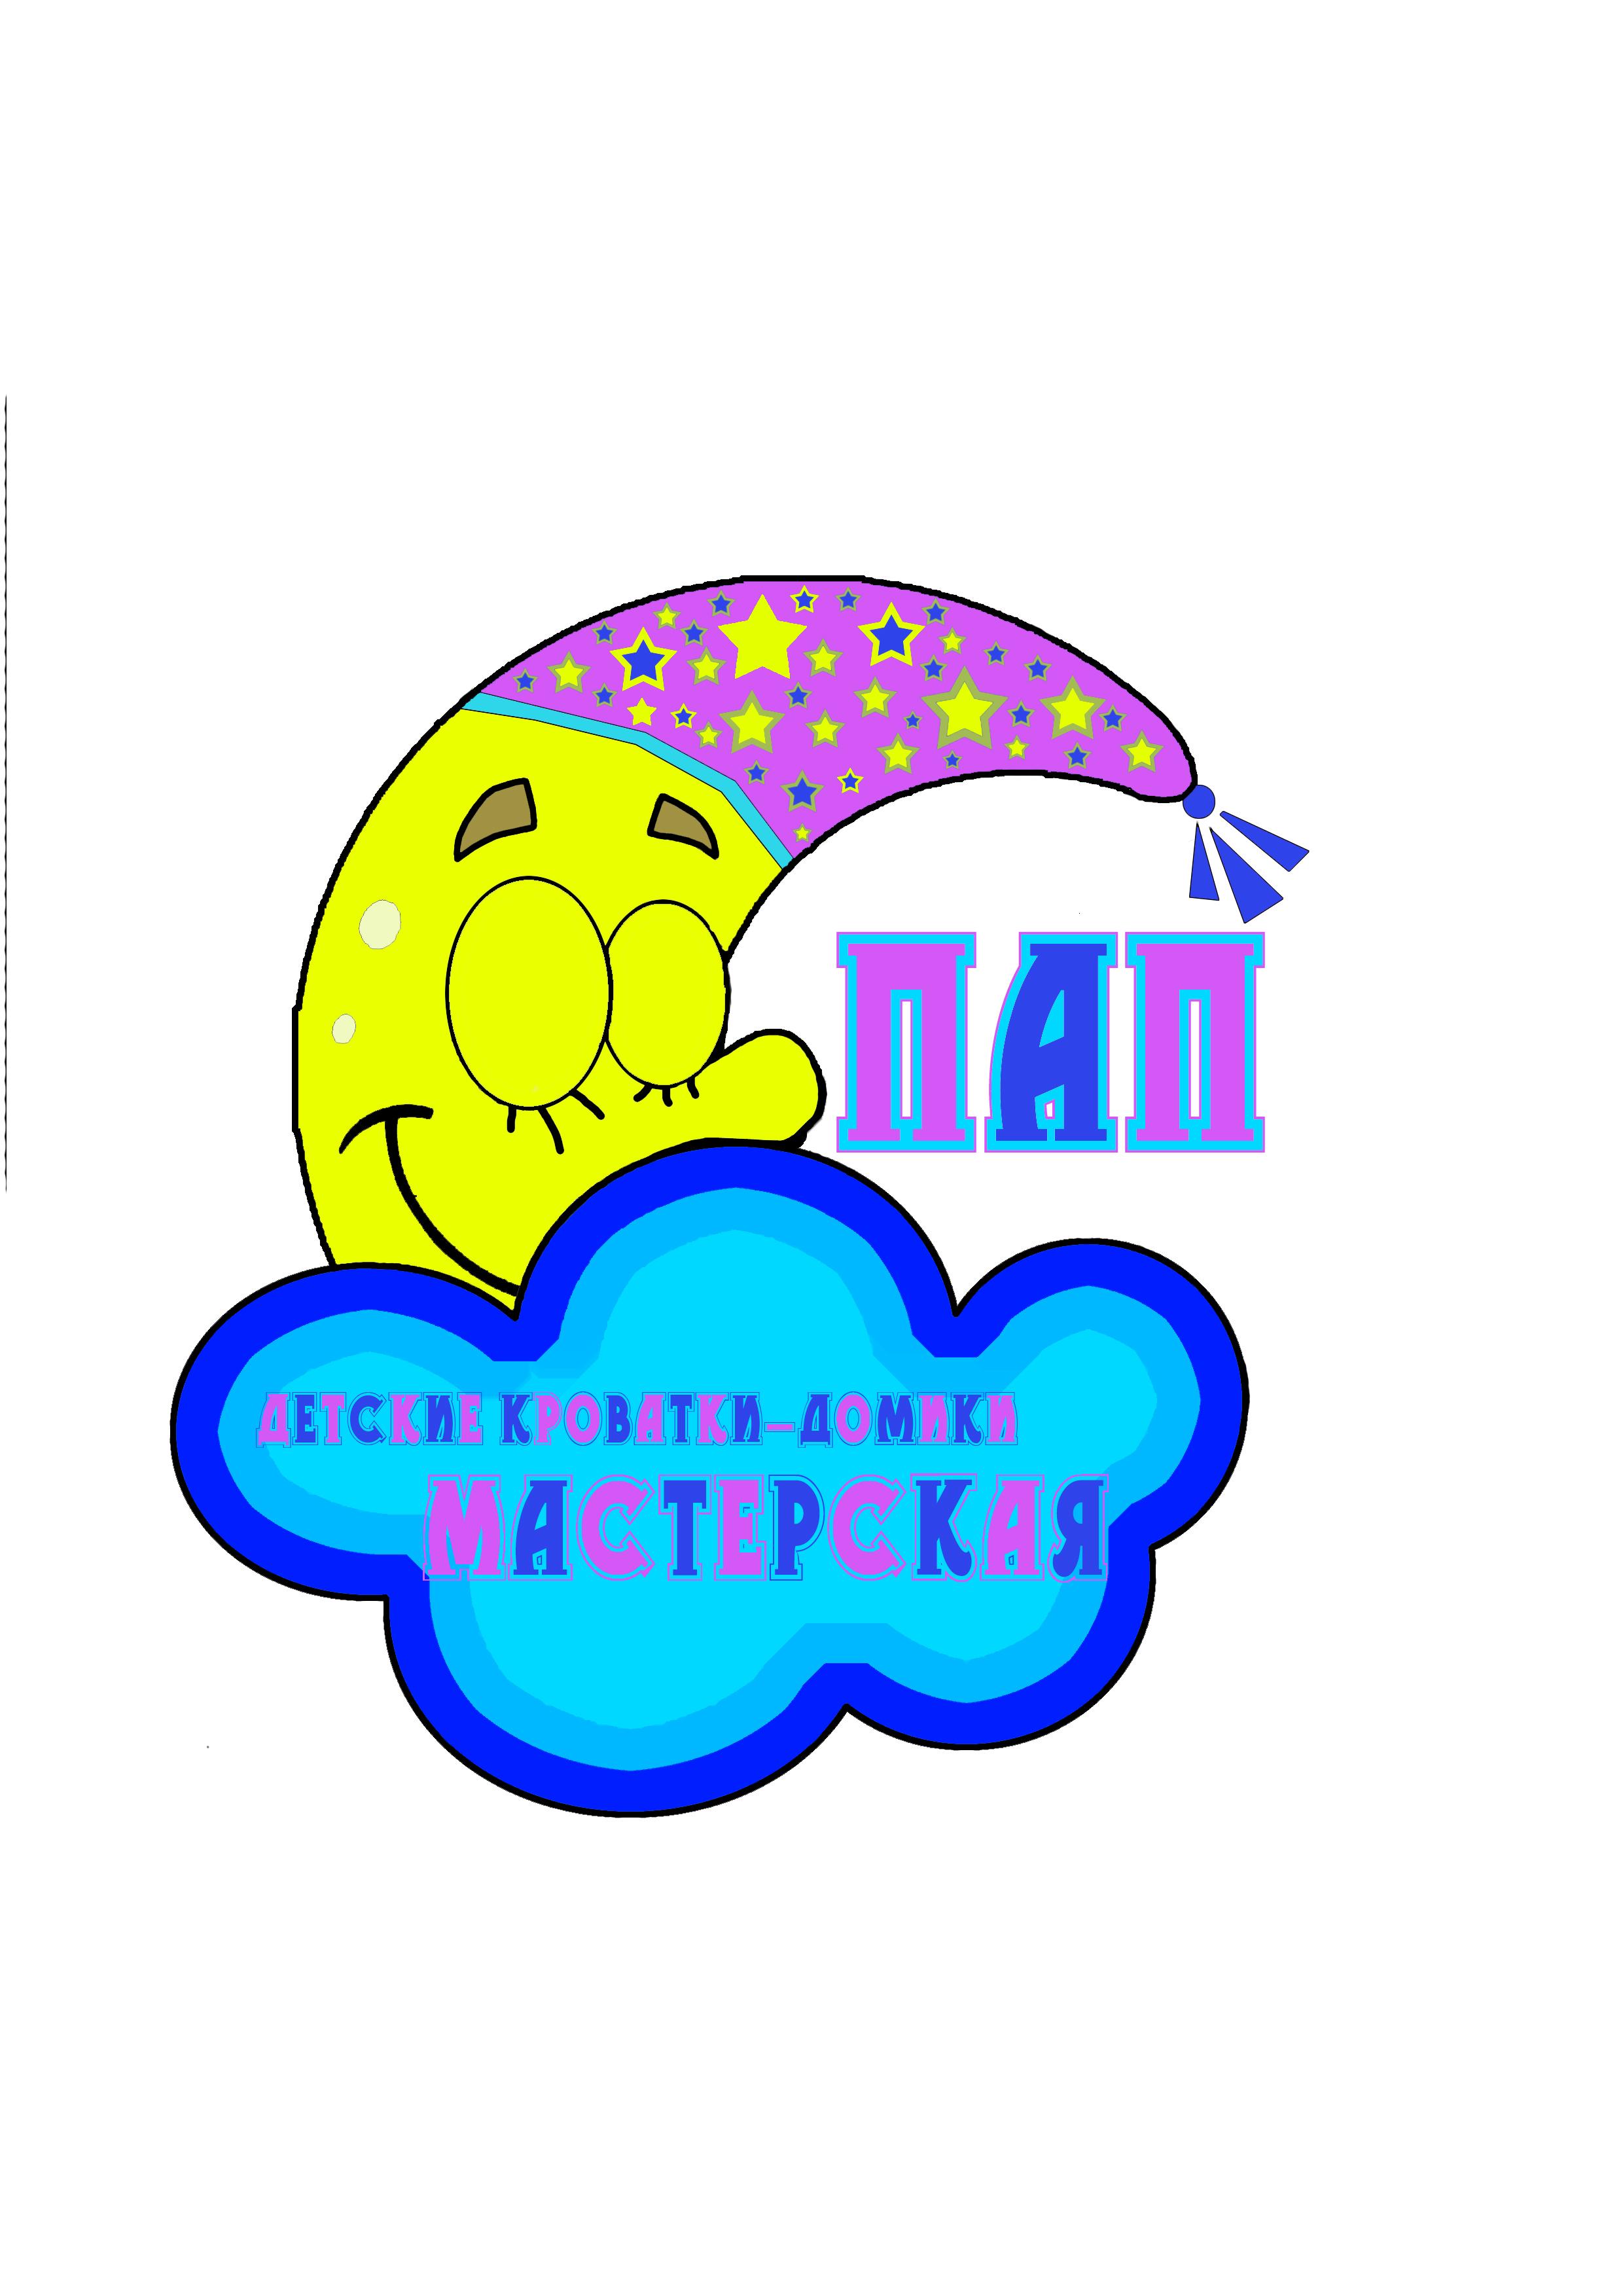 Разработка логотипа  фото f_4015aa6cccf6a1d8.jpg